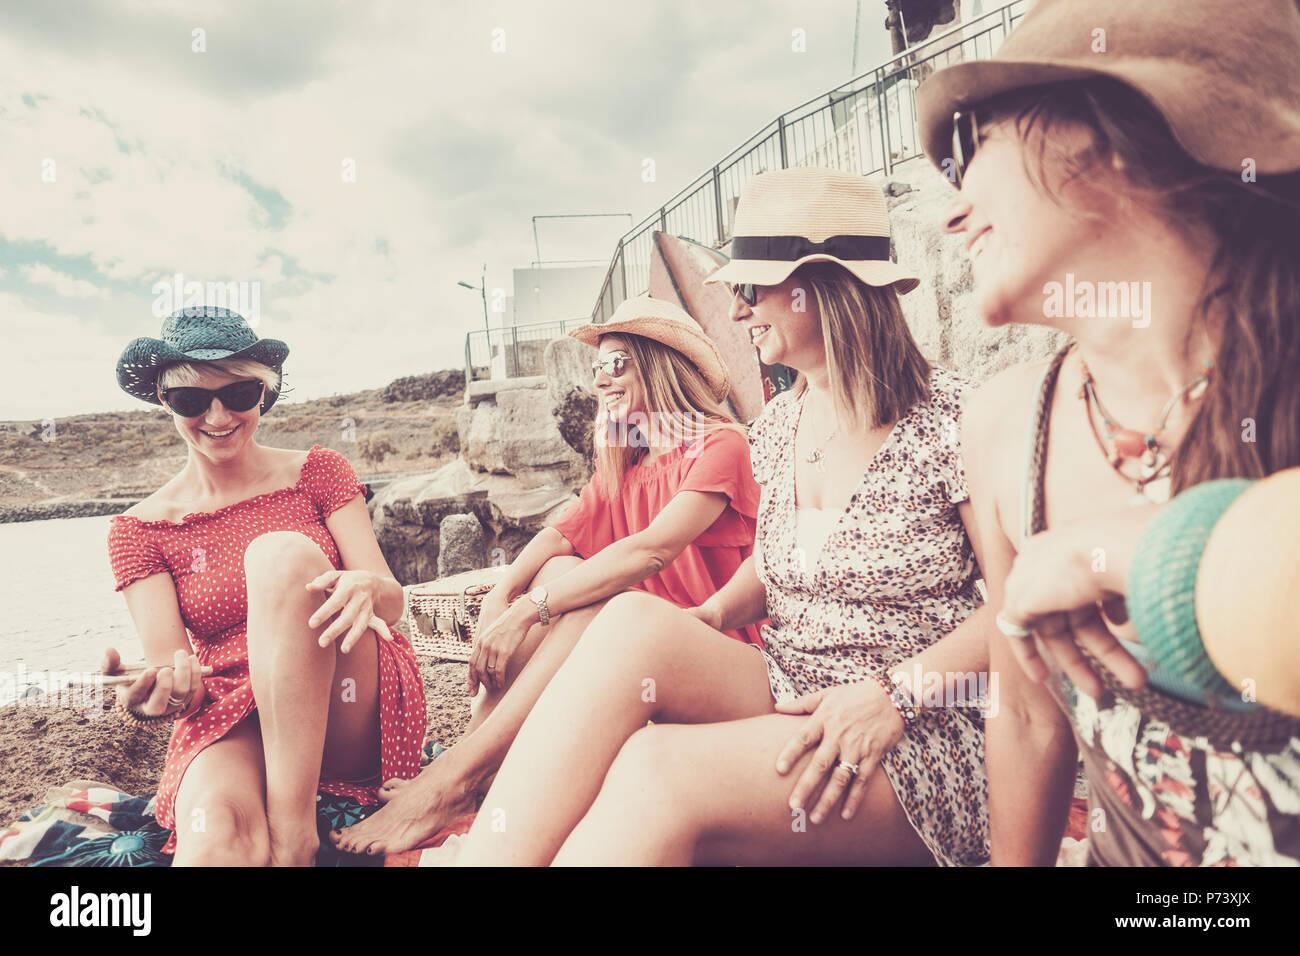 Vintage style pour groupe de femelles personnes rester ensemble dans l'amitié en vacances près de la plage pour l'été. activité de loisirs sourires et rires pour nbe Photo Stock